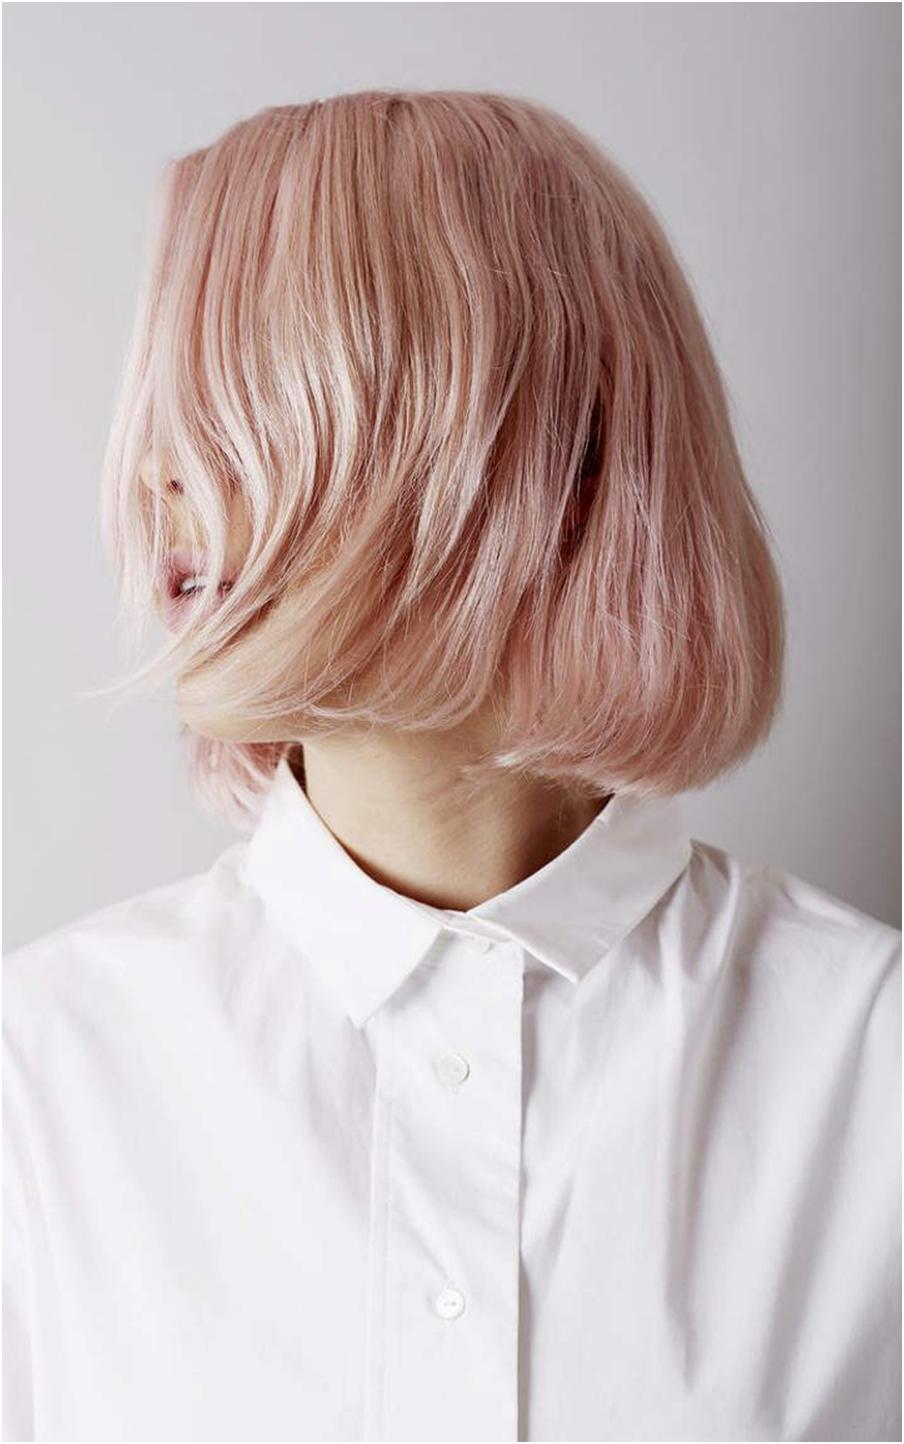 korotkie Модное окрашивание волос 2019-2020 – самый модный цвет волос, тренды и тенденции окрашивания волос